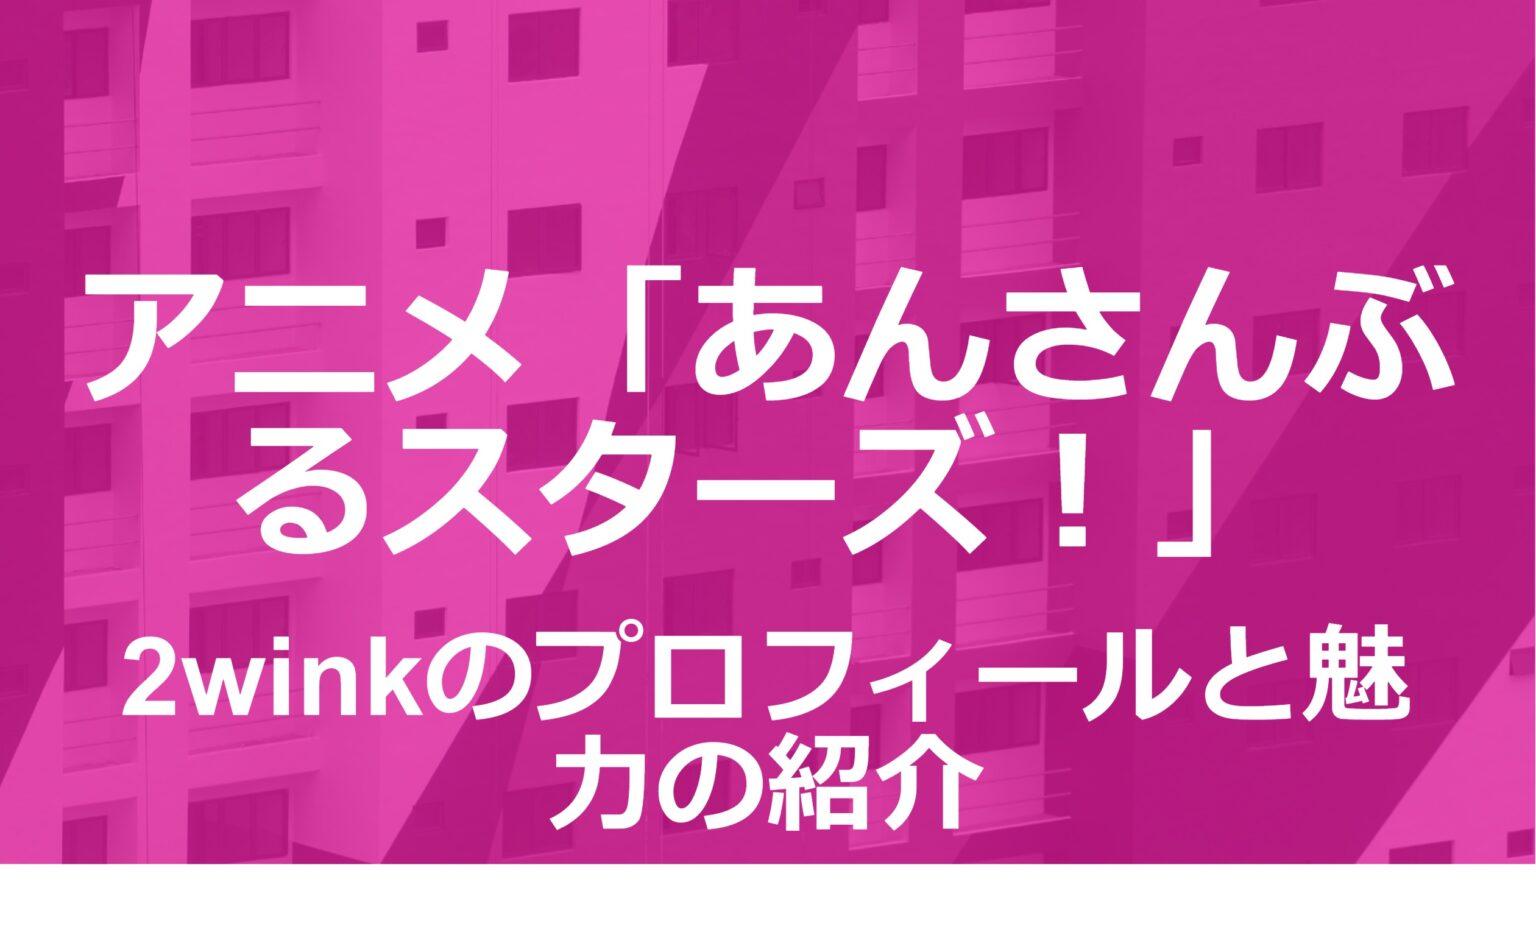 アニメ「あんさんぶるスターズ!」のユニット2winkのプロフィールは?魅力についても紹介